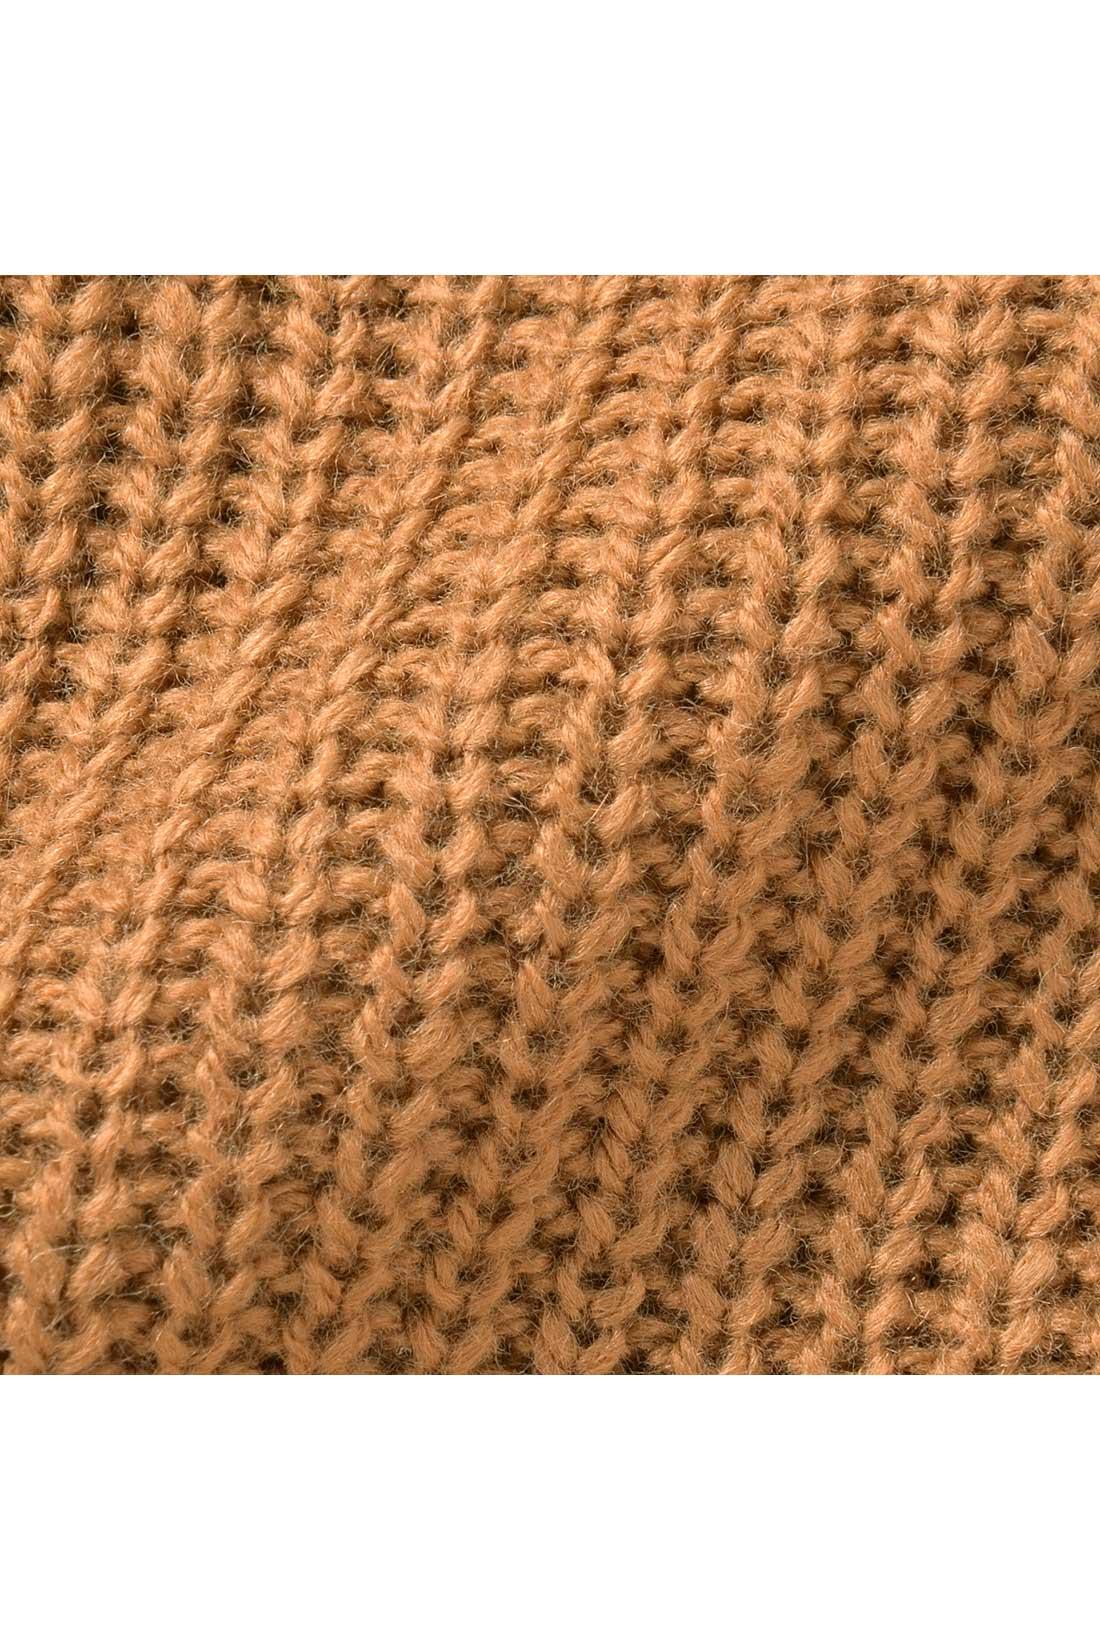 細めのあぜ編みが縦長ラインを強調してスッキリ。